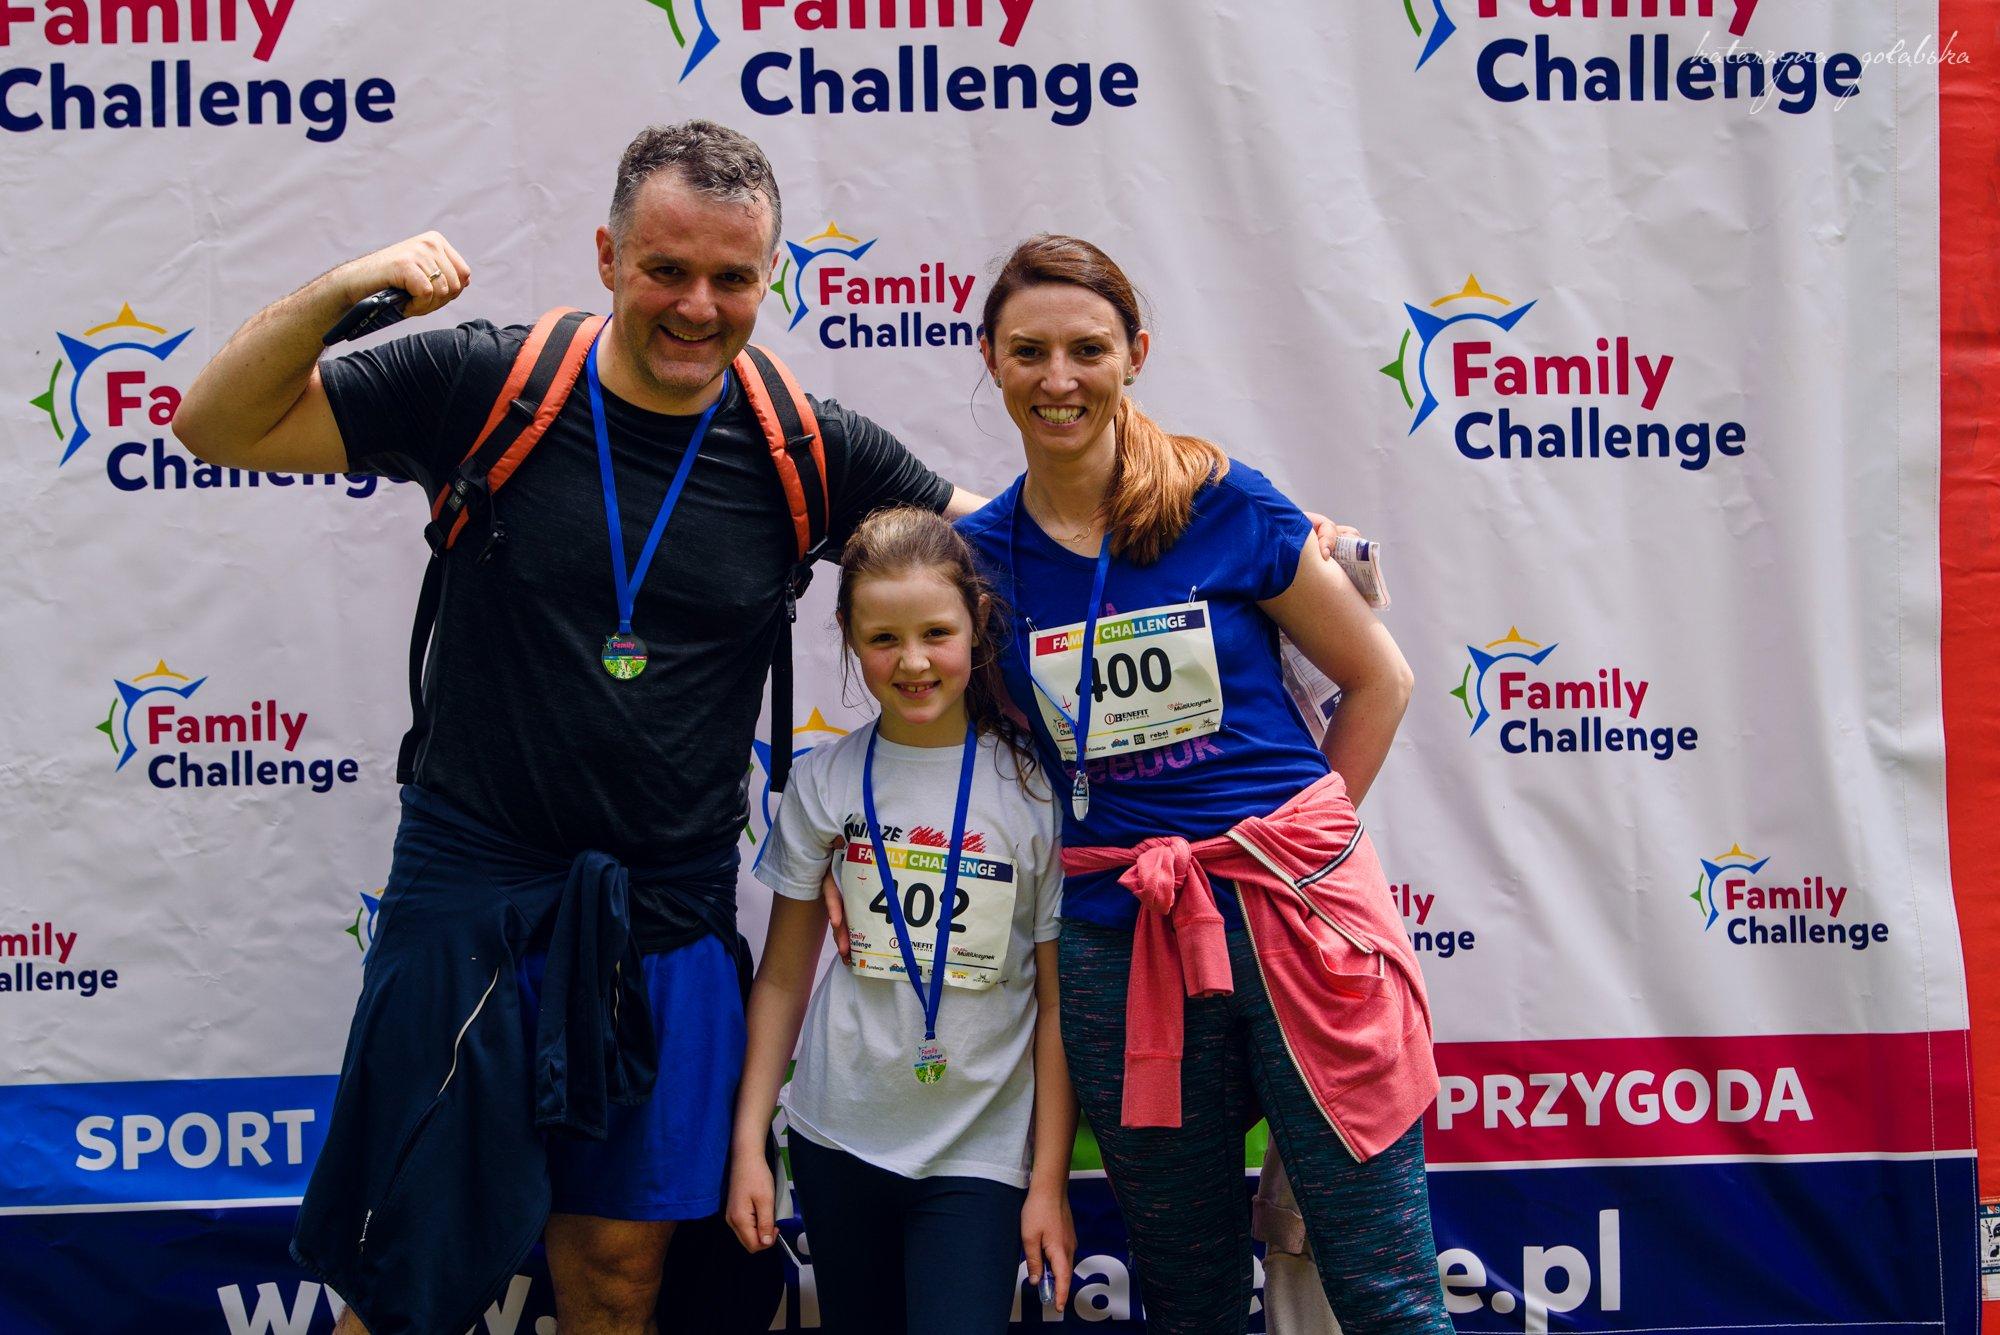 Nawigacja wiadomościWiadomość 5 z 11 Poprzednia Następna change-formatchange-format Temat: Family Challenge